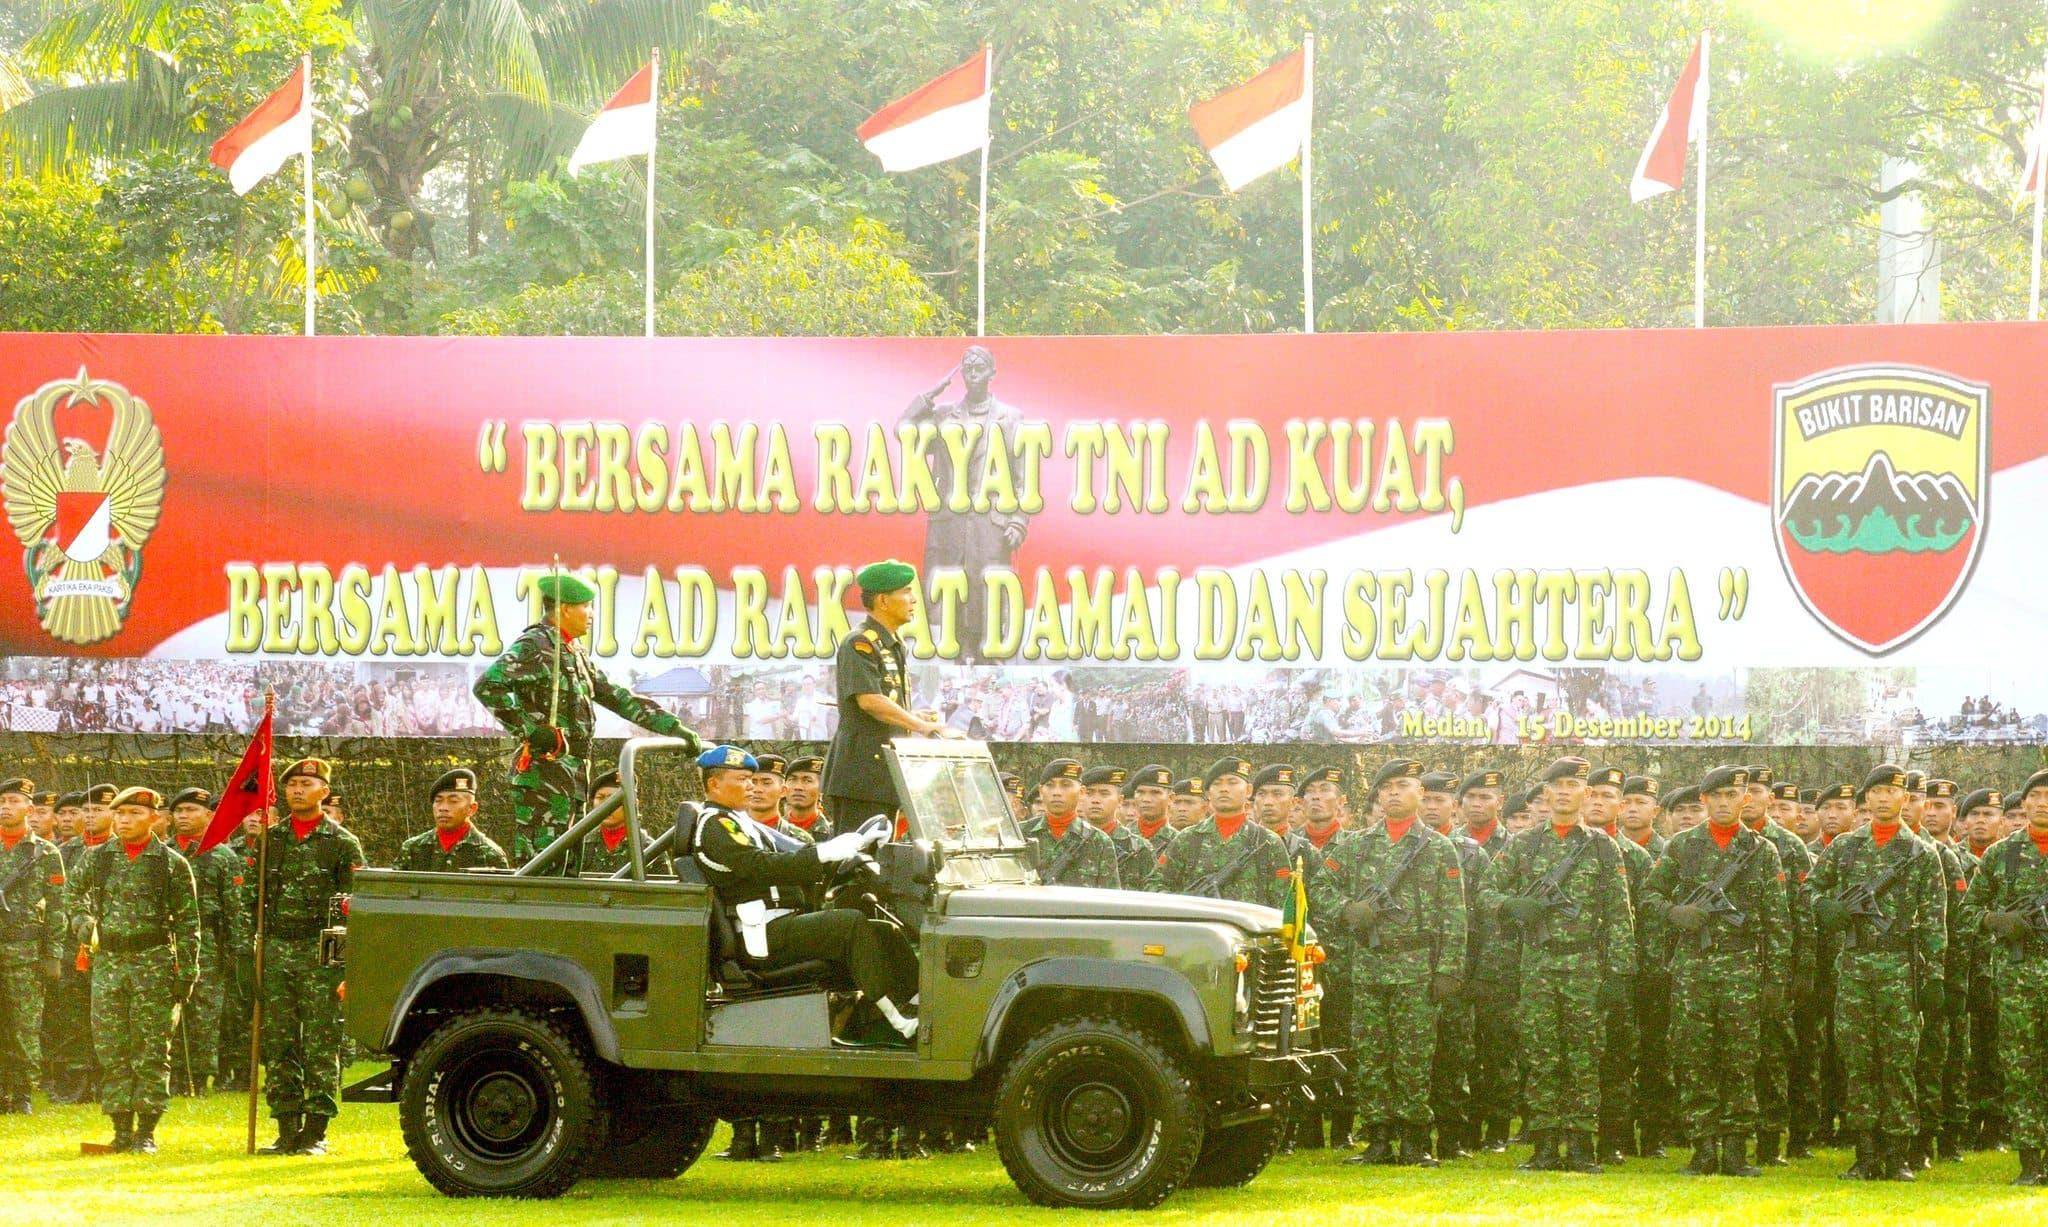 """KASAD : """"BERSAMA RAKYAT TNI AD KUAT, BERSAMA TNI AD RAKYAT DAMAI DAN SEJAHTERA"""""""